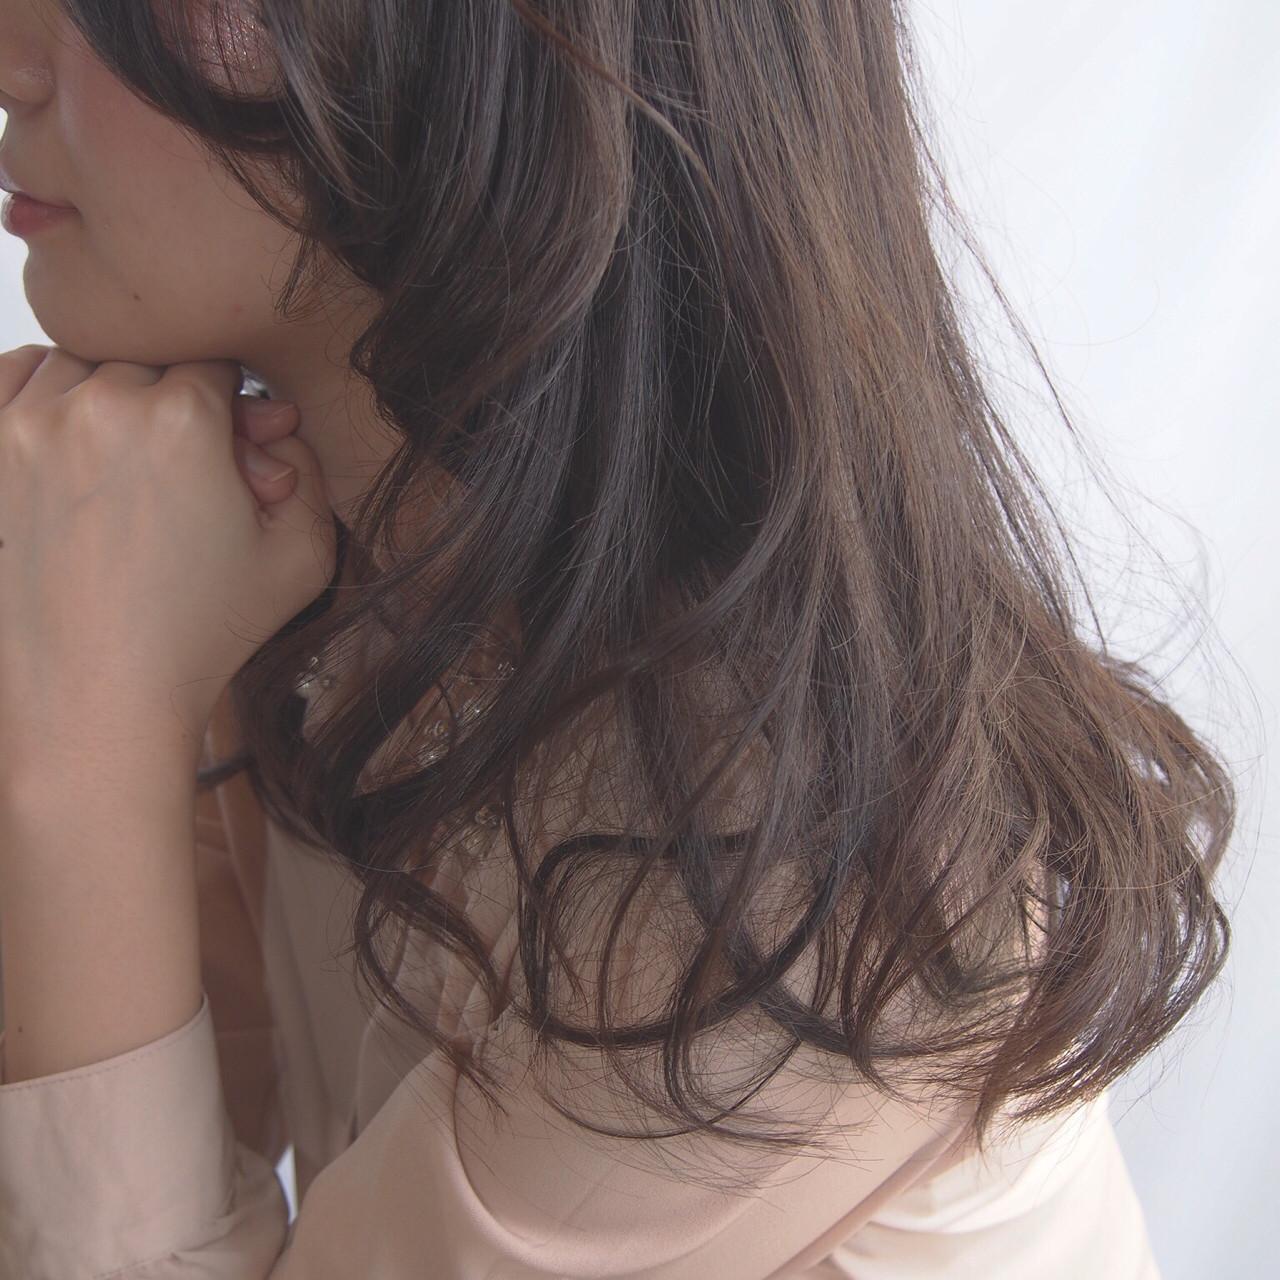 パーマ 外国人風 簡単 ロング ヘアスタイルや髪型の写真・画像 | 比嘉春之 / RUMOR(ルモア)